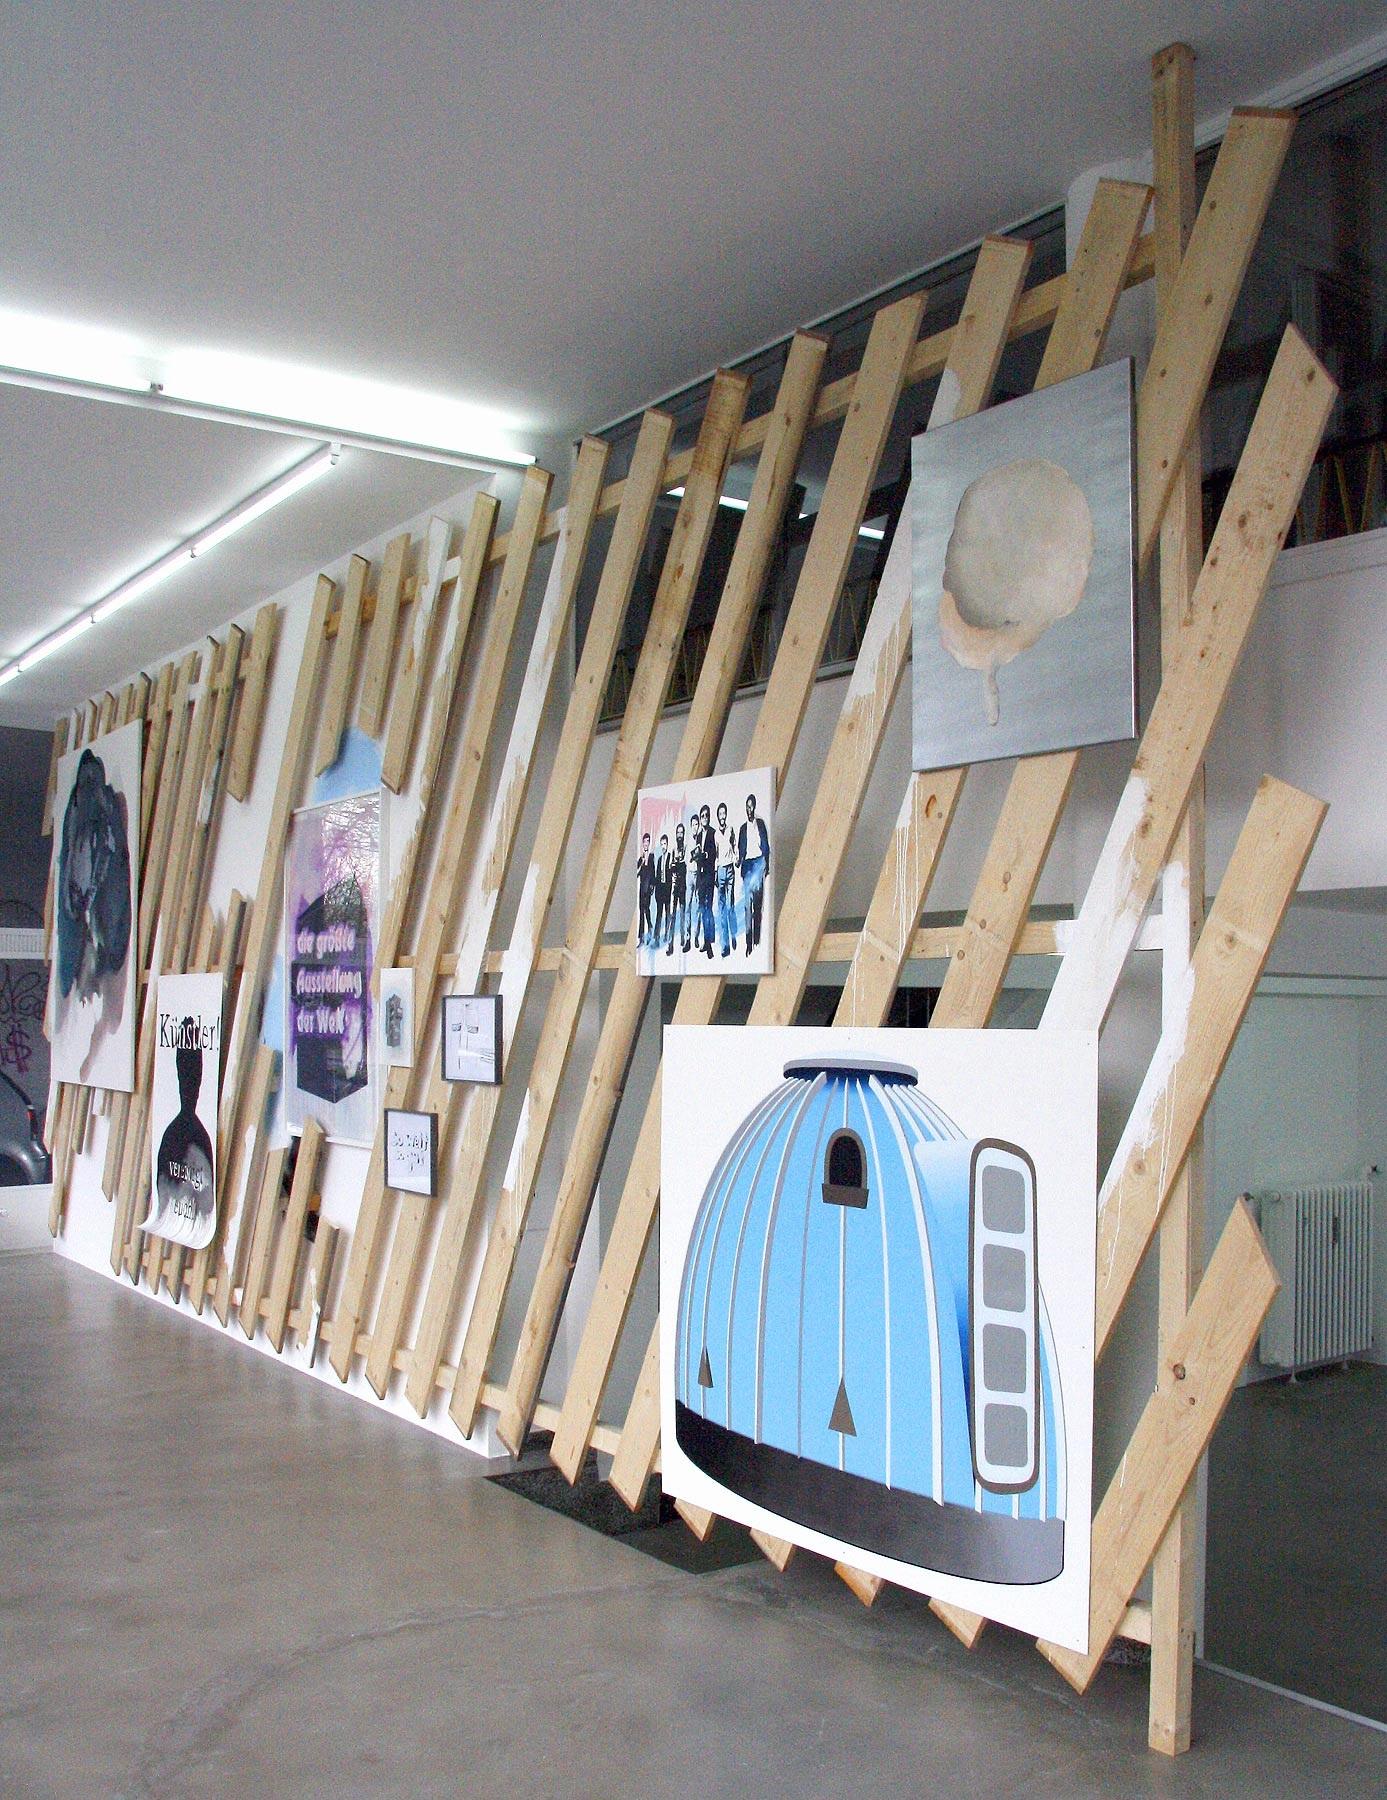 Brahm_Daniela_Installationview_2013_07